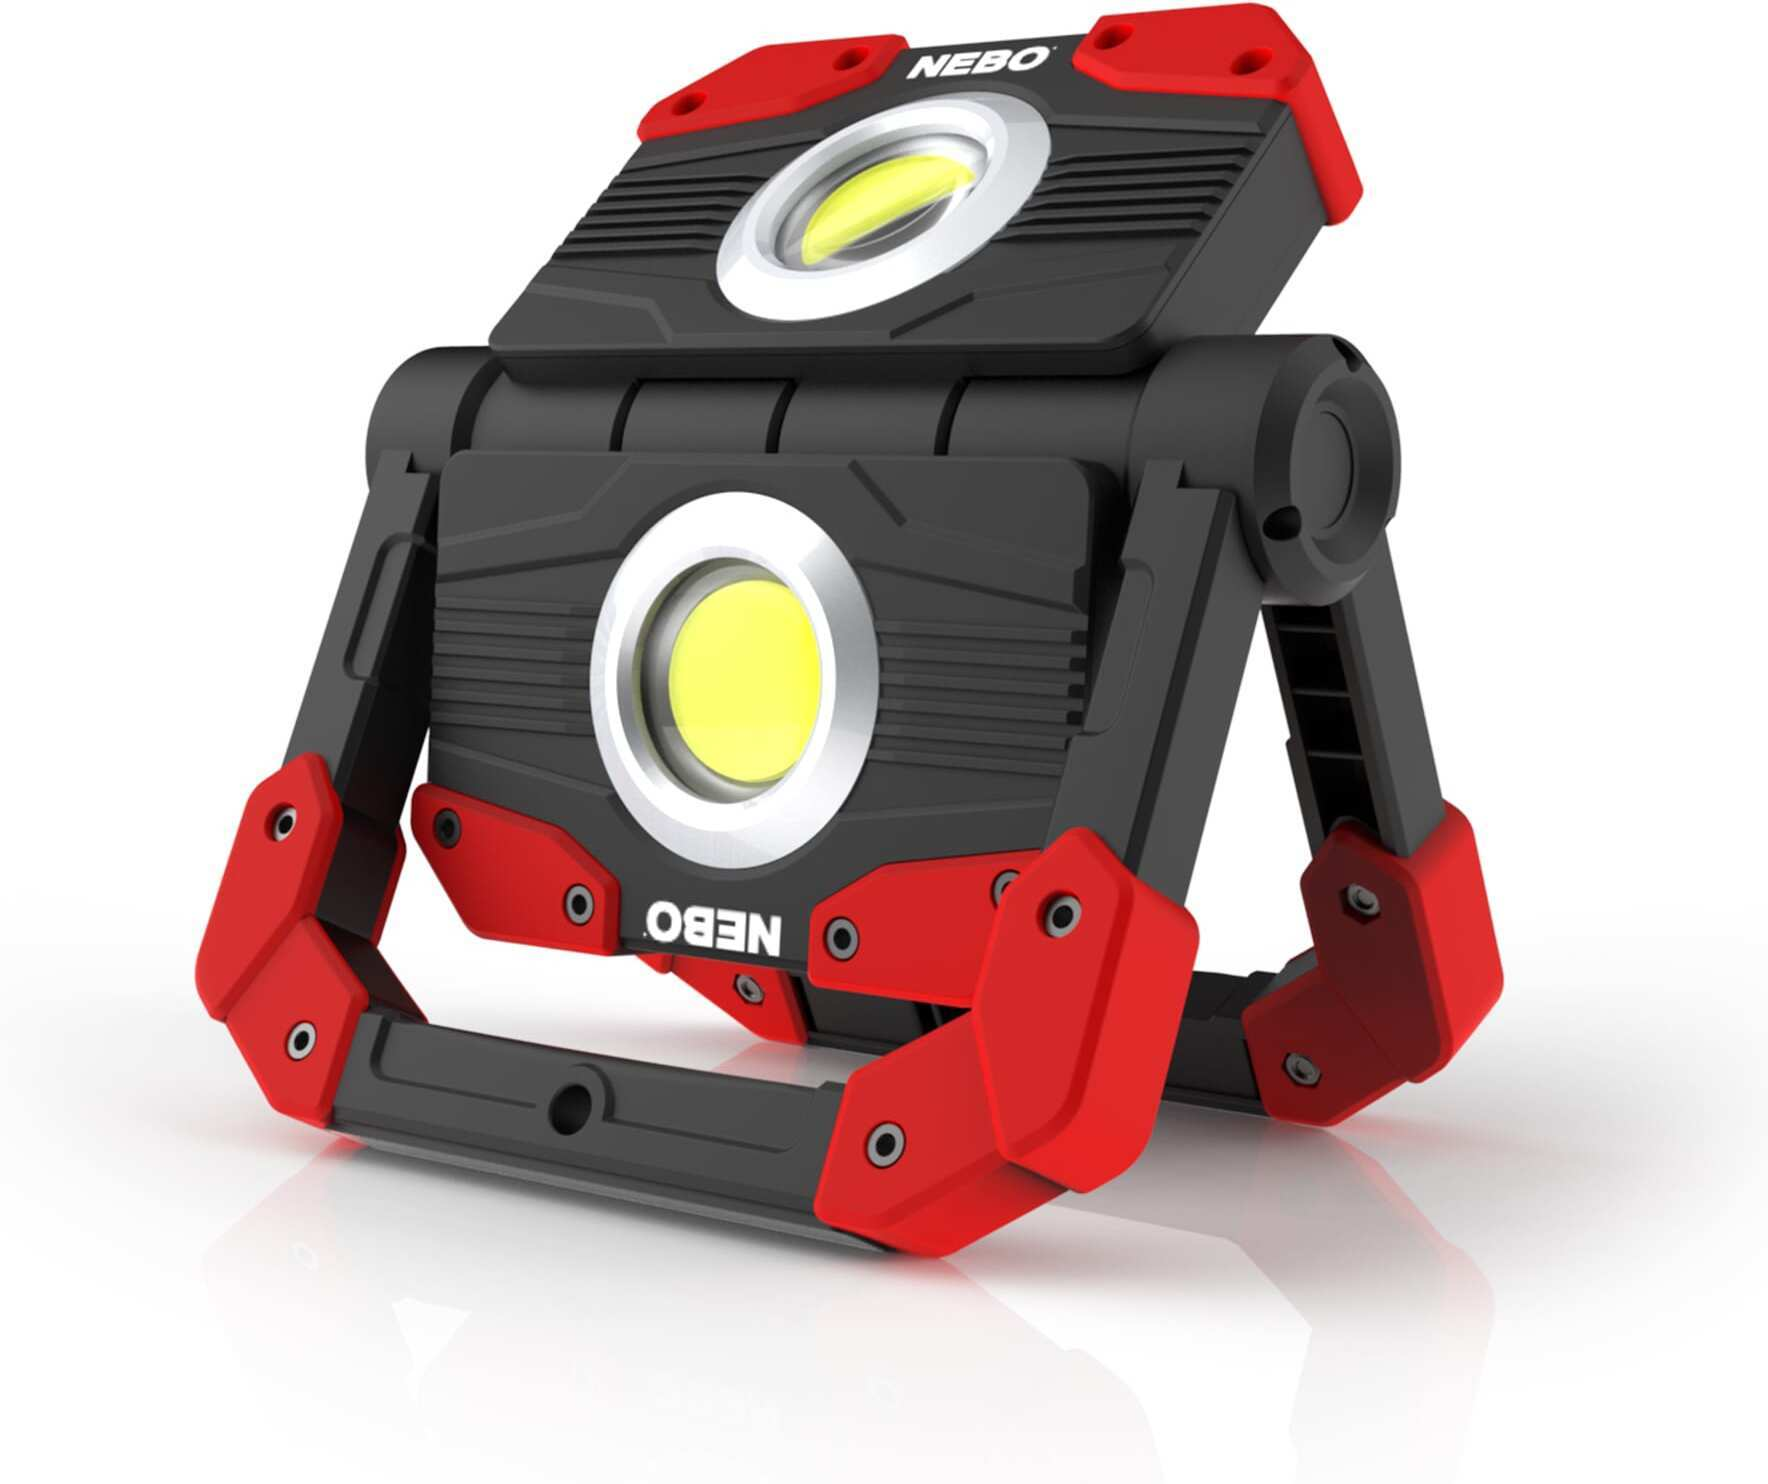 Nebo NE0015 Omni újratölthető szerelőlámpa